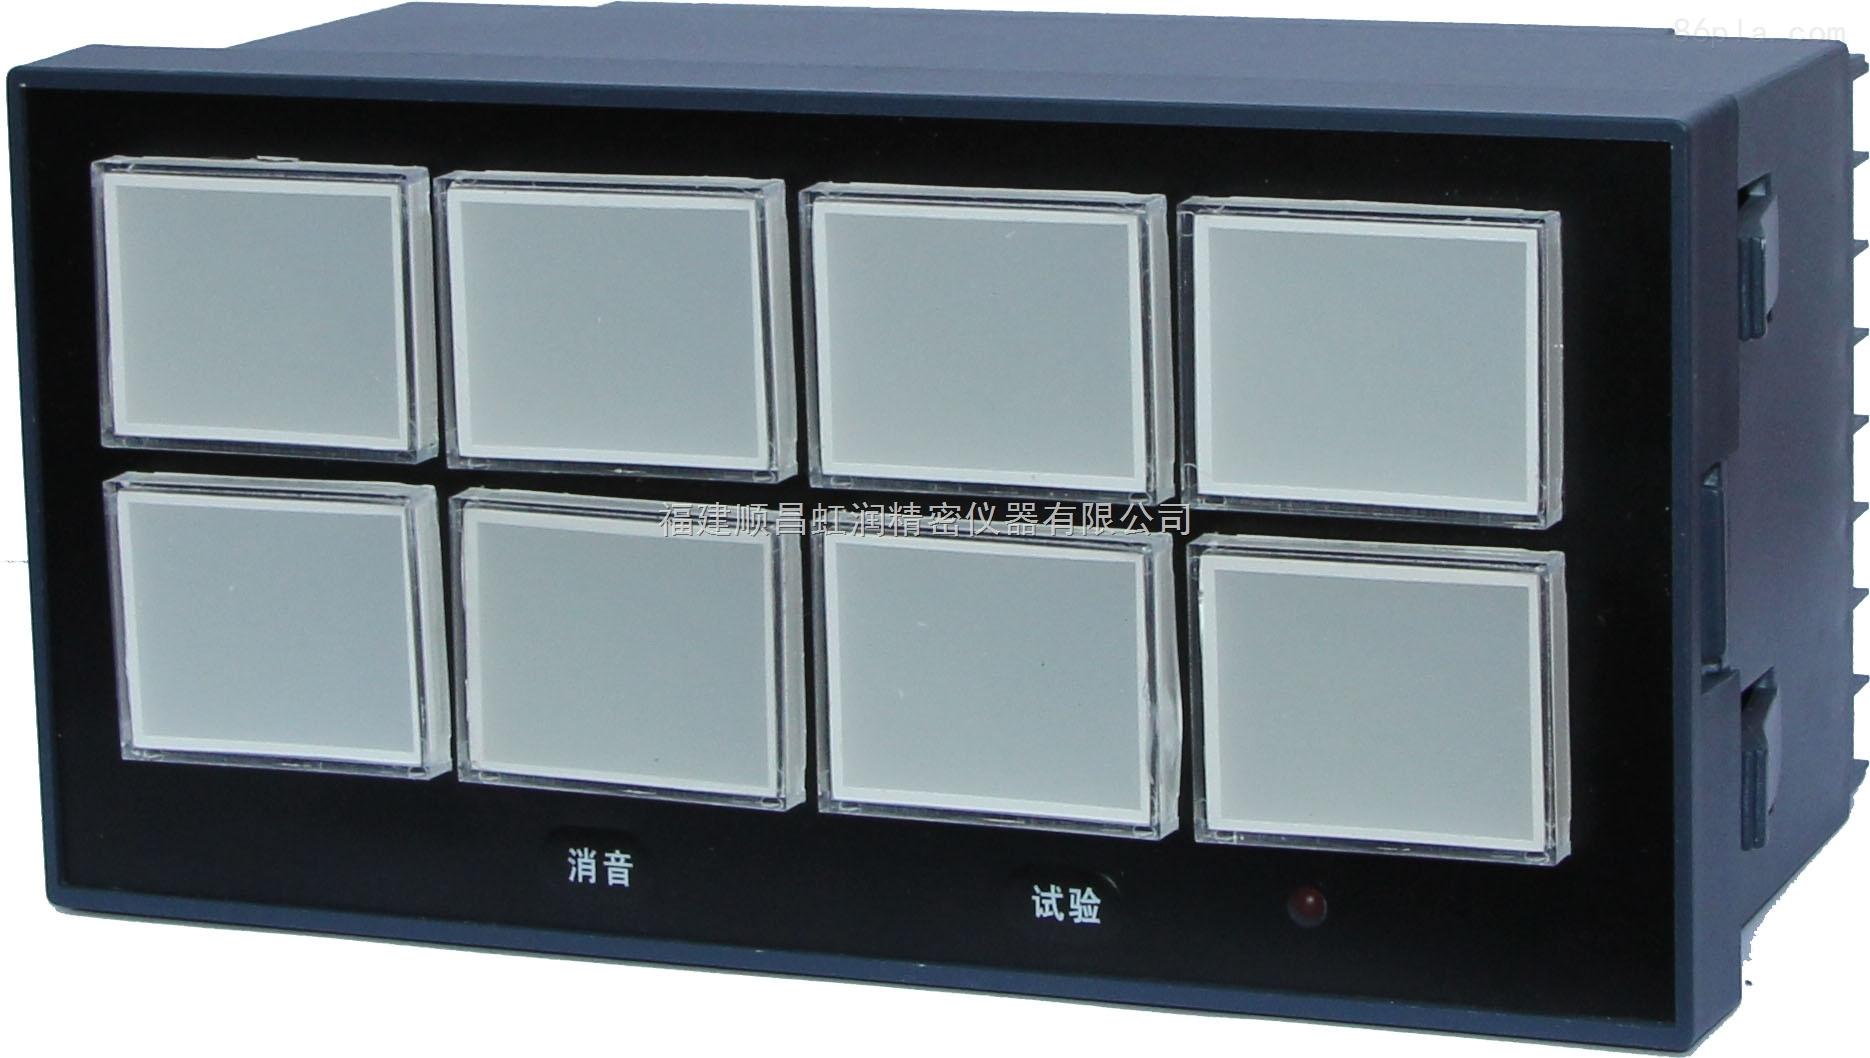 虹润八路闪光报警器NHR-5810